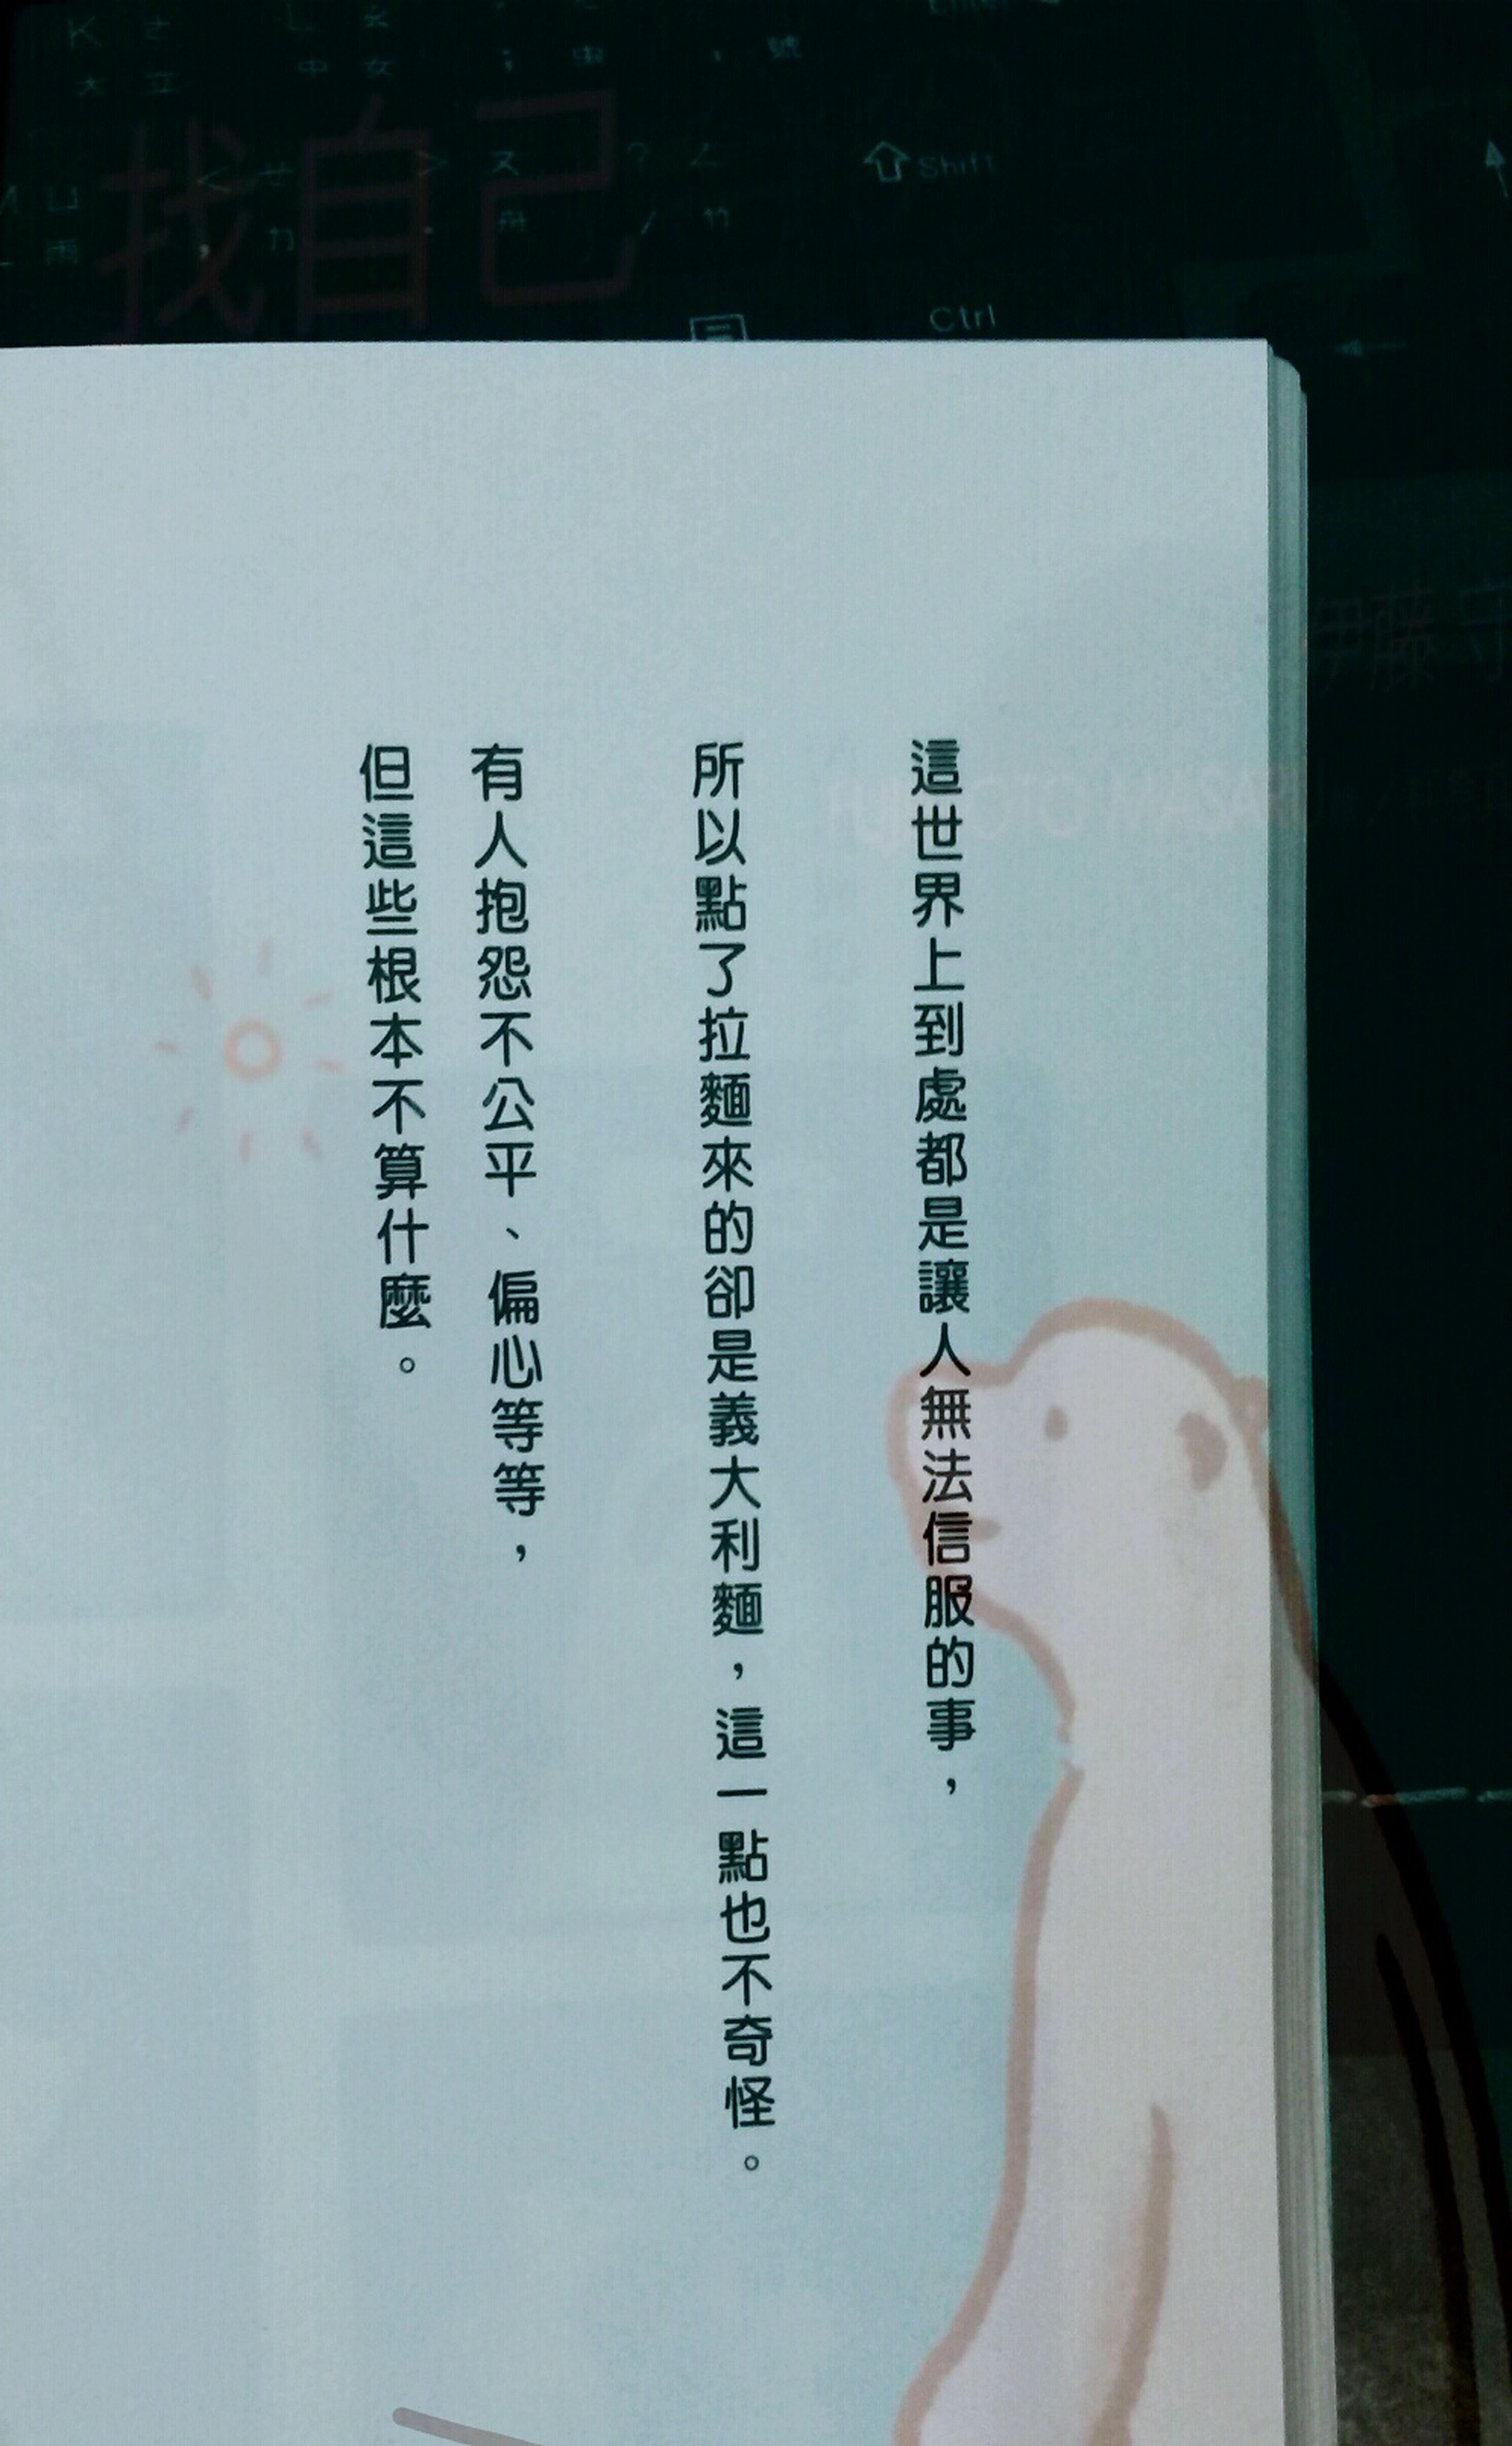 哇可愛的一本書會心一笑喔-零壹壹玖。